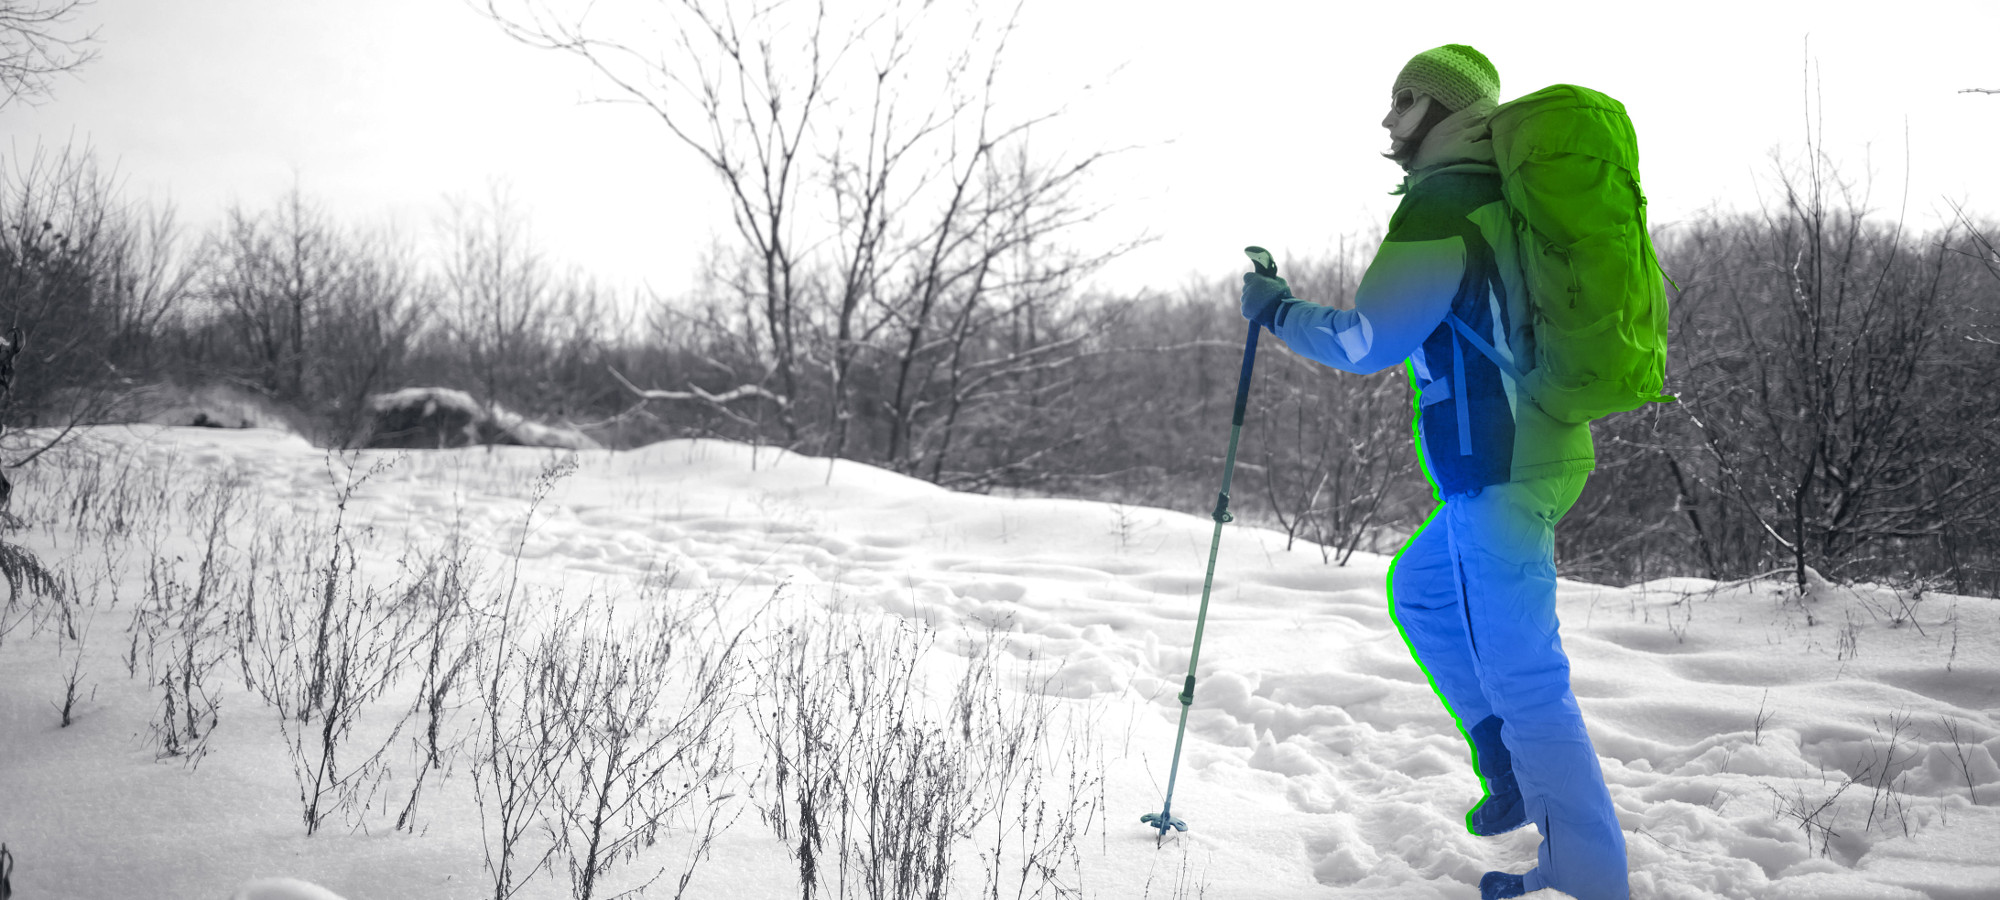 retour de convalescence et ski, snowboard, sports d'hiver